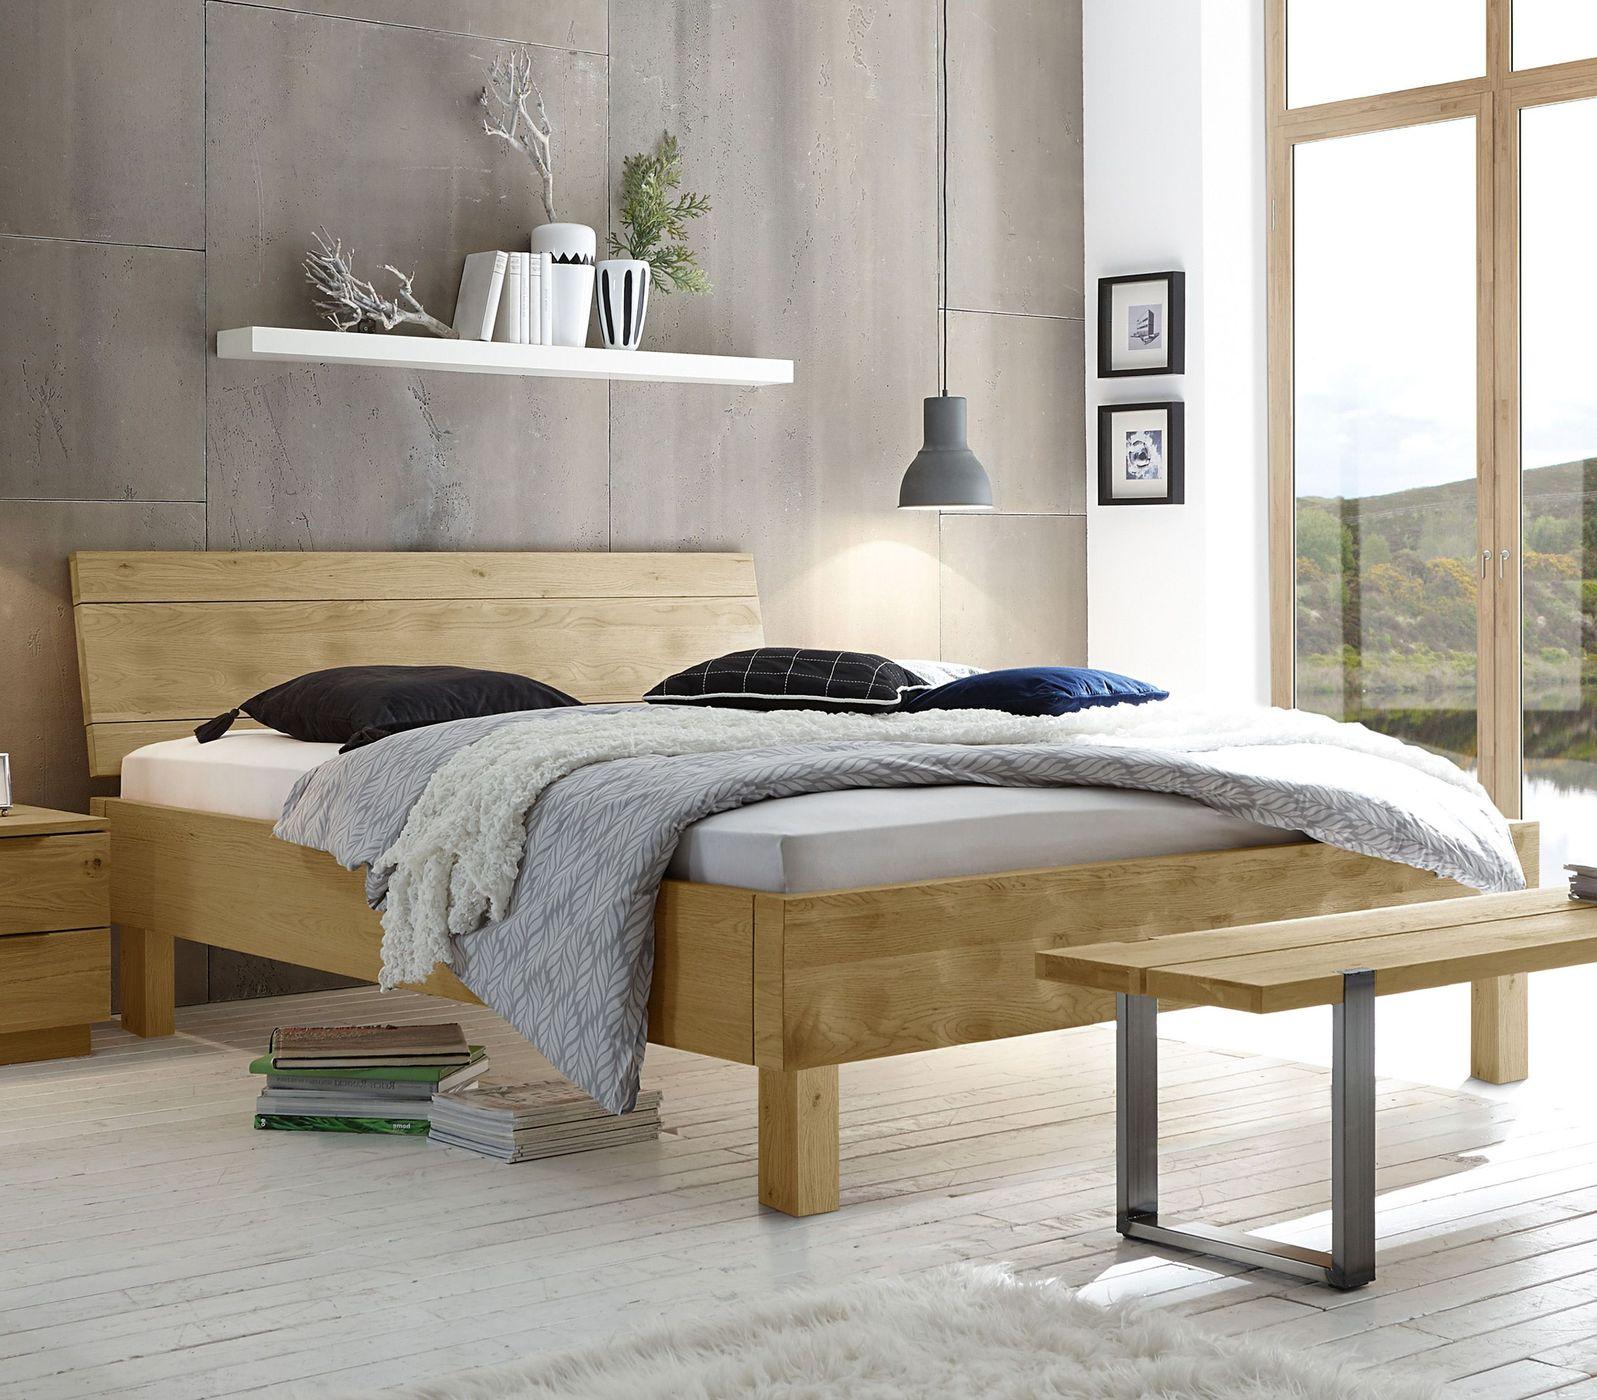 massivholzbett rustikal modern in eiche geölt  mossa